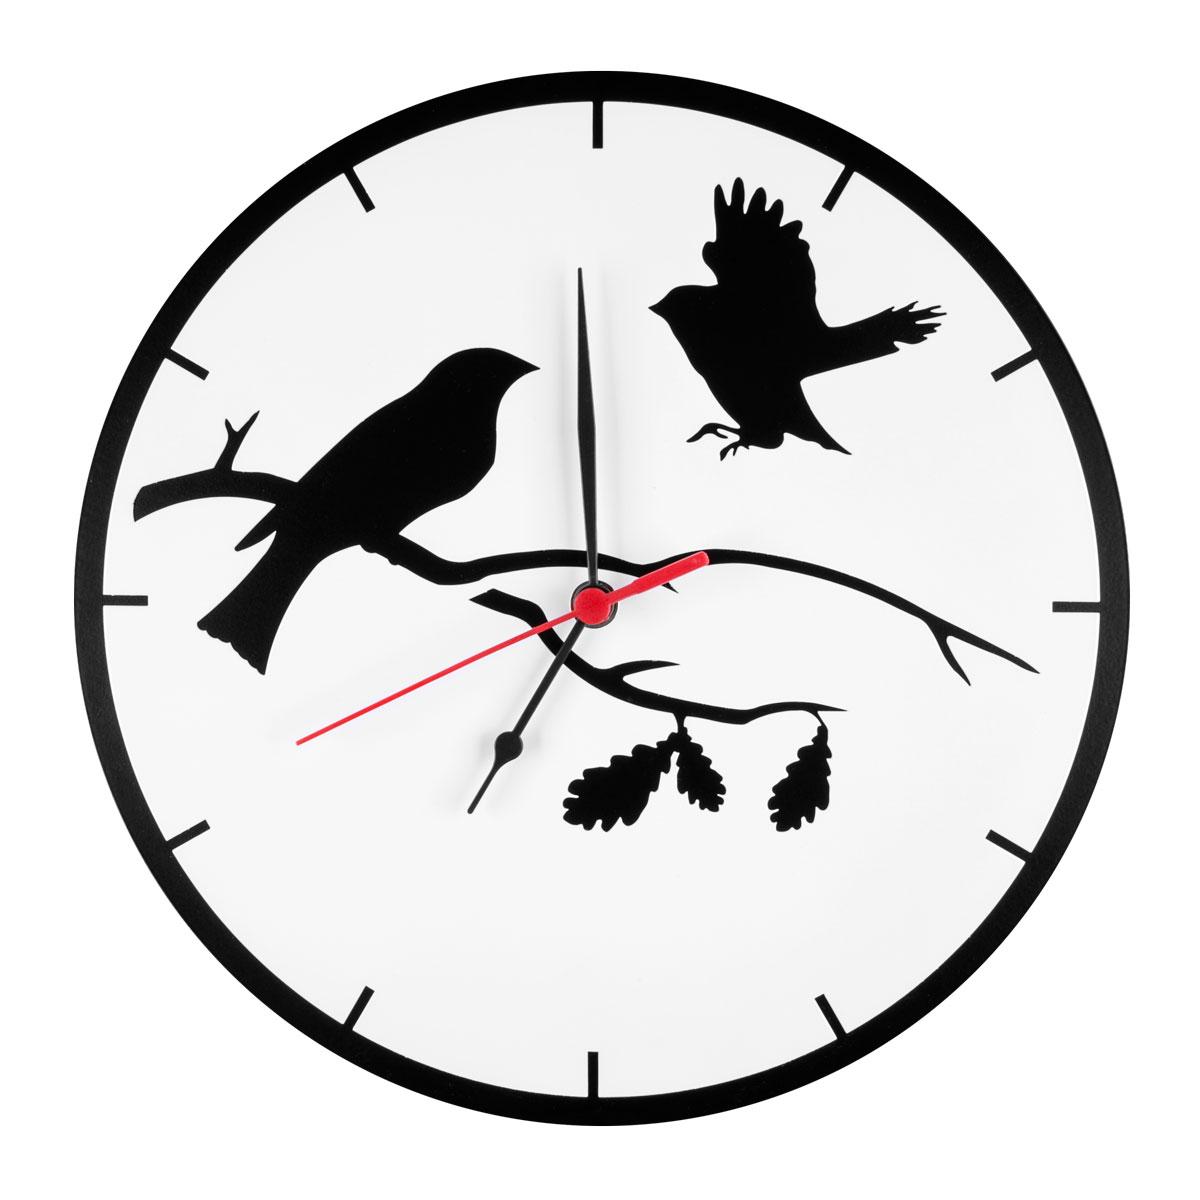 Часы настенные Miolla Птицы, цвет: белый, черныйCH019Оригинальные настенные часы круглой формы выполнены из стали. Часы имеют три стрелки - часовую, минутную и секундную и циферблат с цифрами. Необычное дизайнерское решение и качество исполнения придутся по вкусу каждому. Оформите свой дом таким интерьерным аксессуаром или преподнесите его в качестве презента друзьям, и они оценят ваш оригинальный вкус и неординарность подарка.